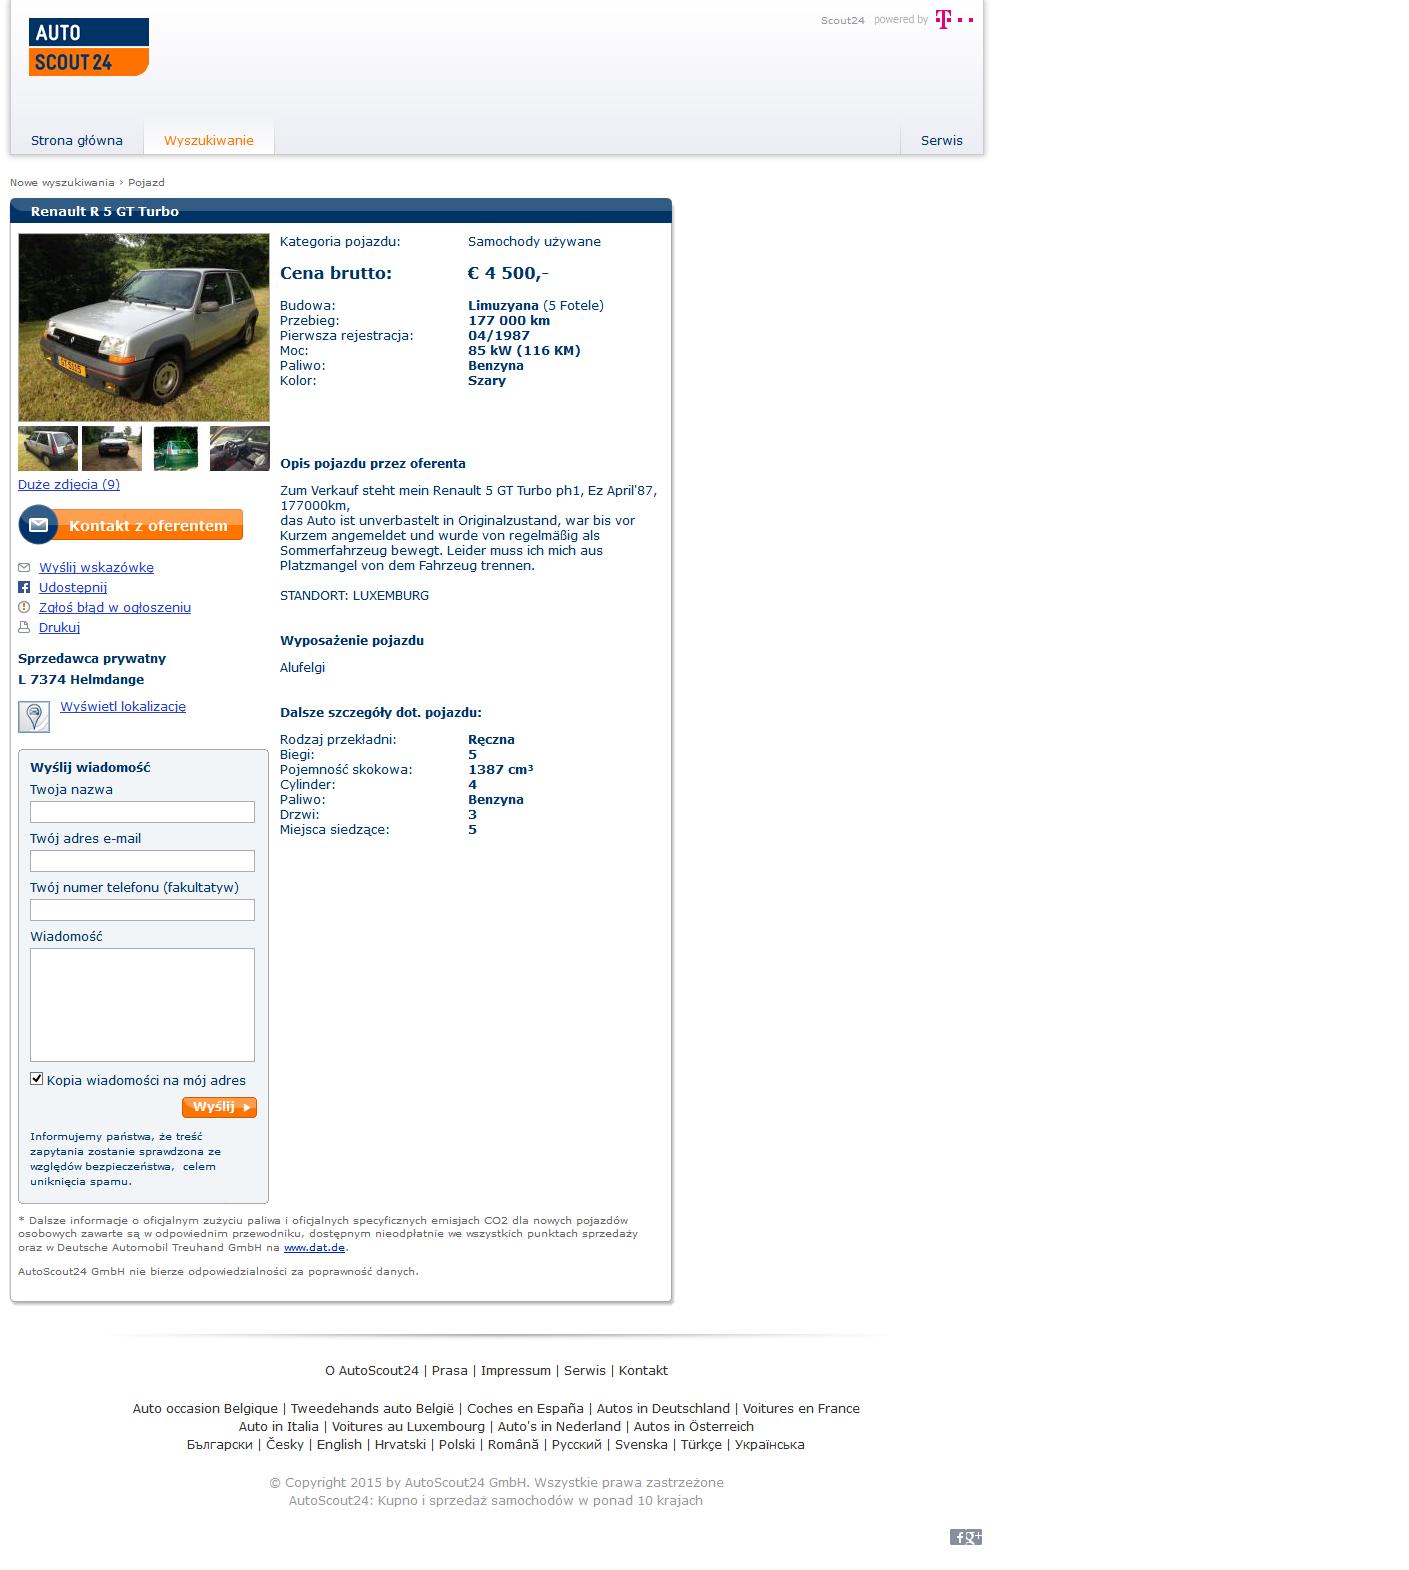 www.autoscout24.belgique